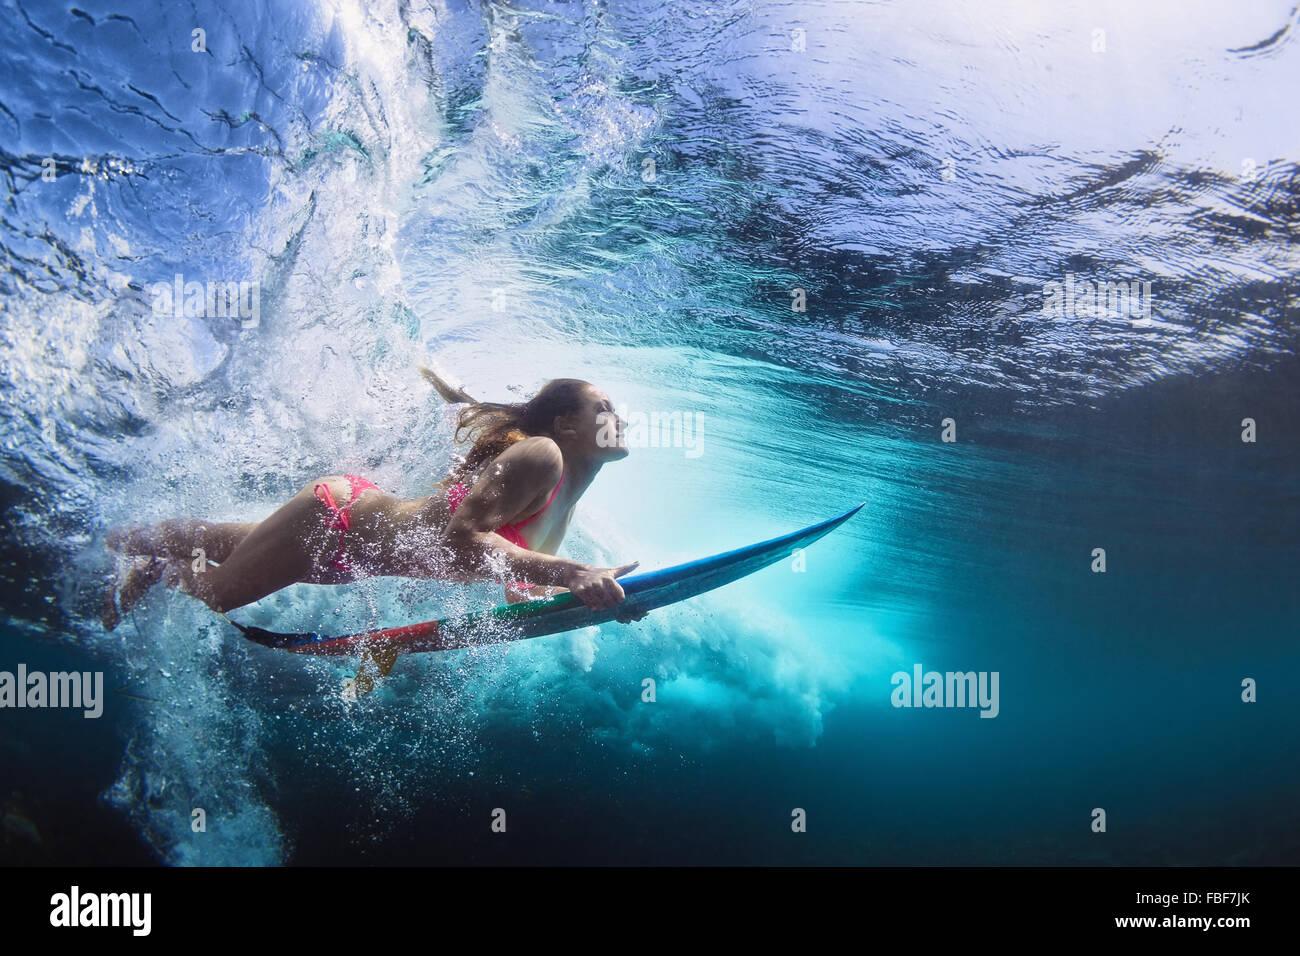 Chica en Bikini - surfer con surf buceo con diversión submarina bajo gran ola del océano. Imagen De Stock